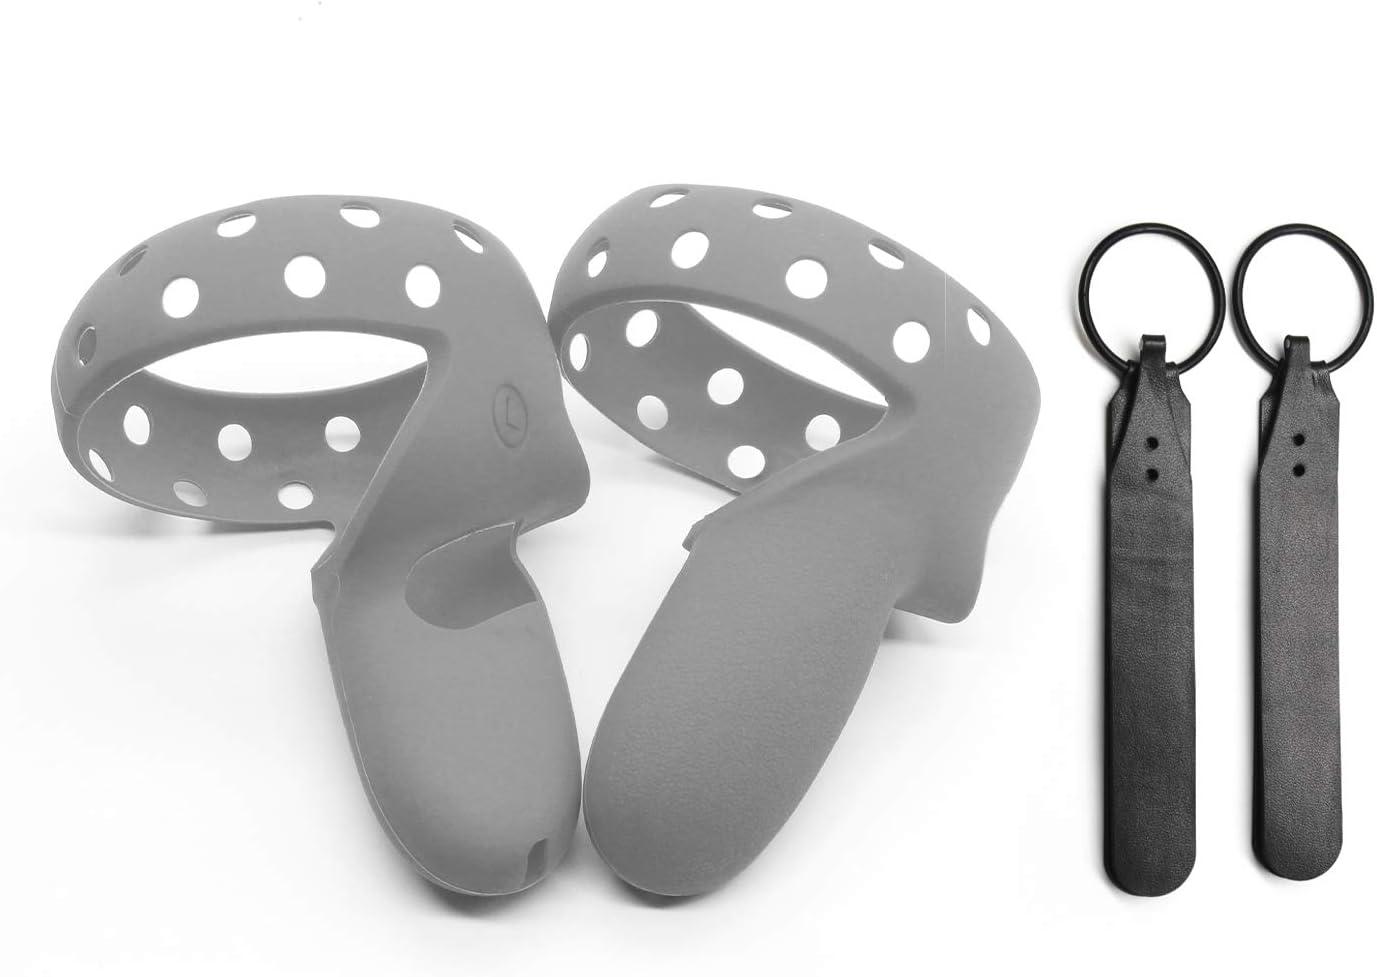 Cubierta de Agarre +Correas para los Nudillos Cubierta del Controlador Oculus Quest 2 Impermeable Antideslizante Elygo Accesorios VR para Auriculares Oculus Quest 2 Azul